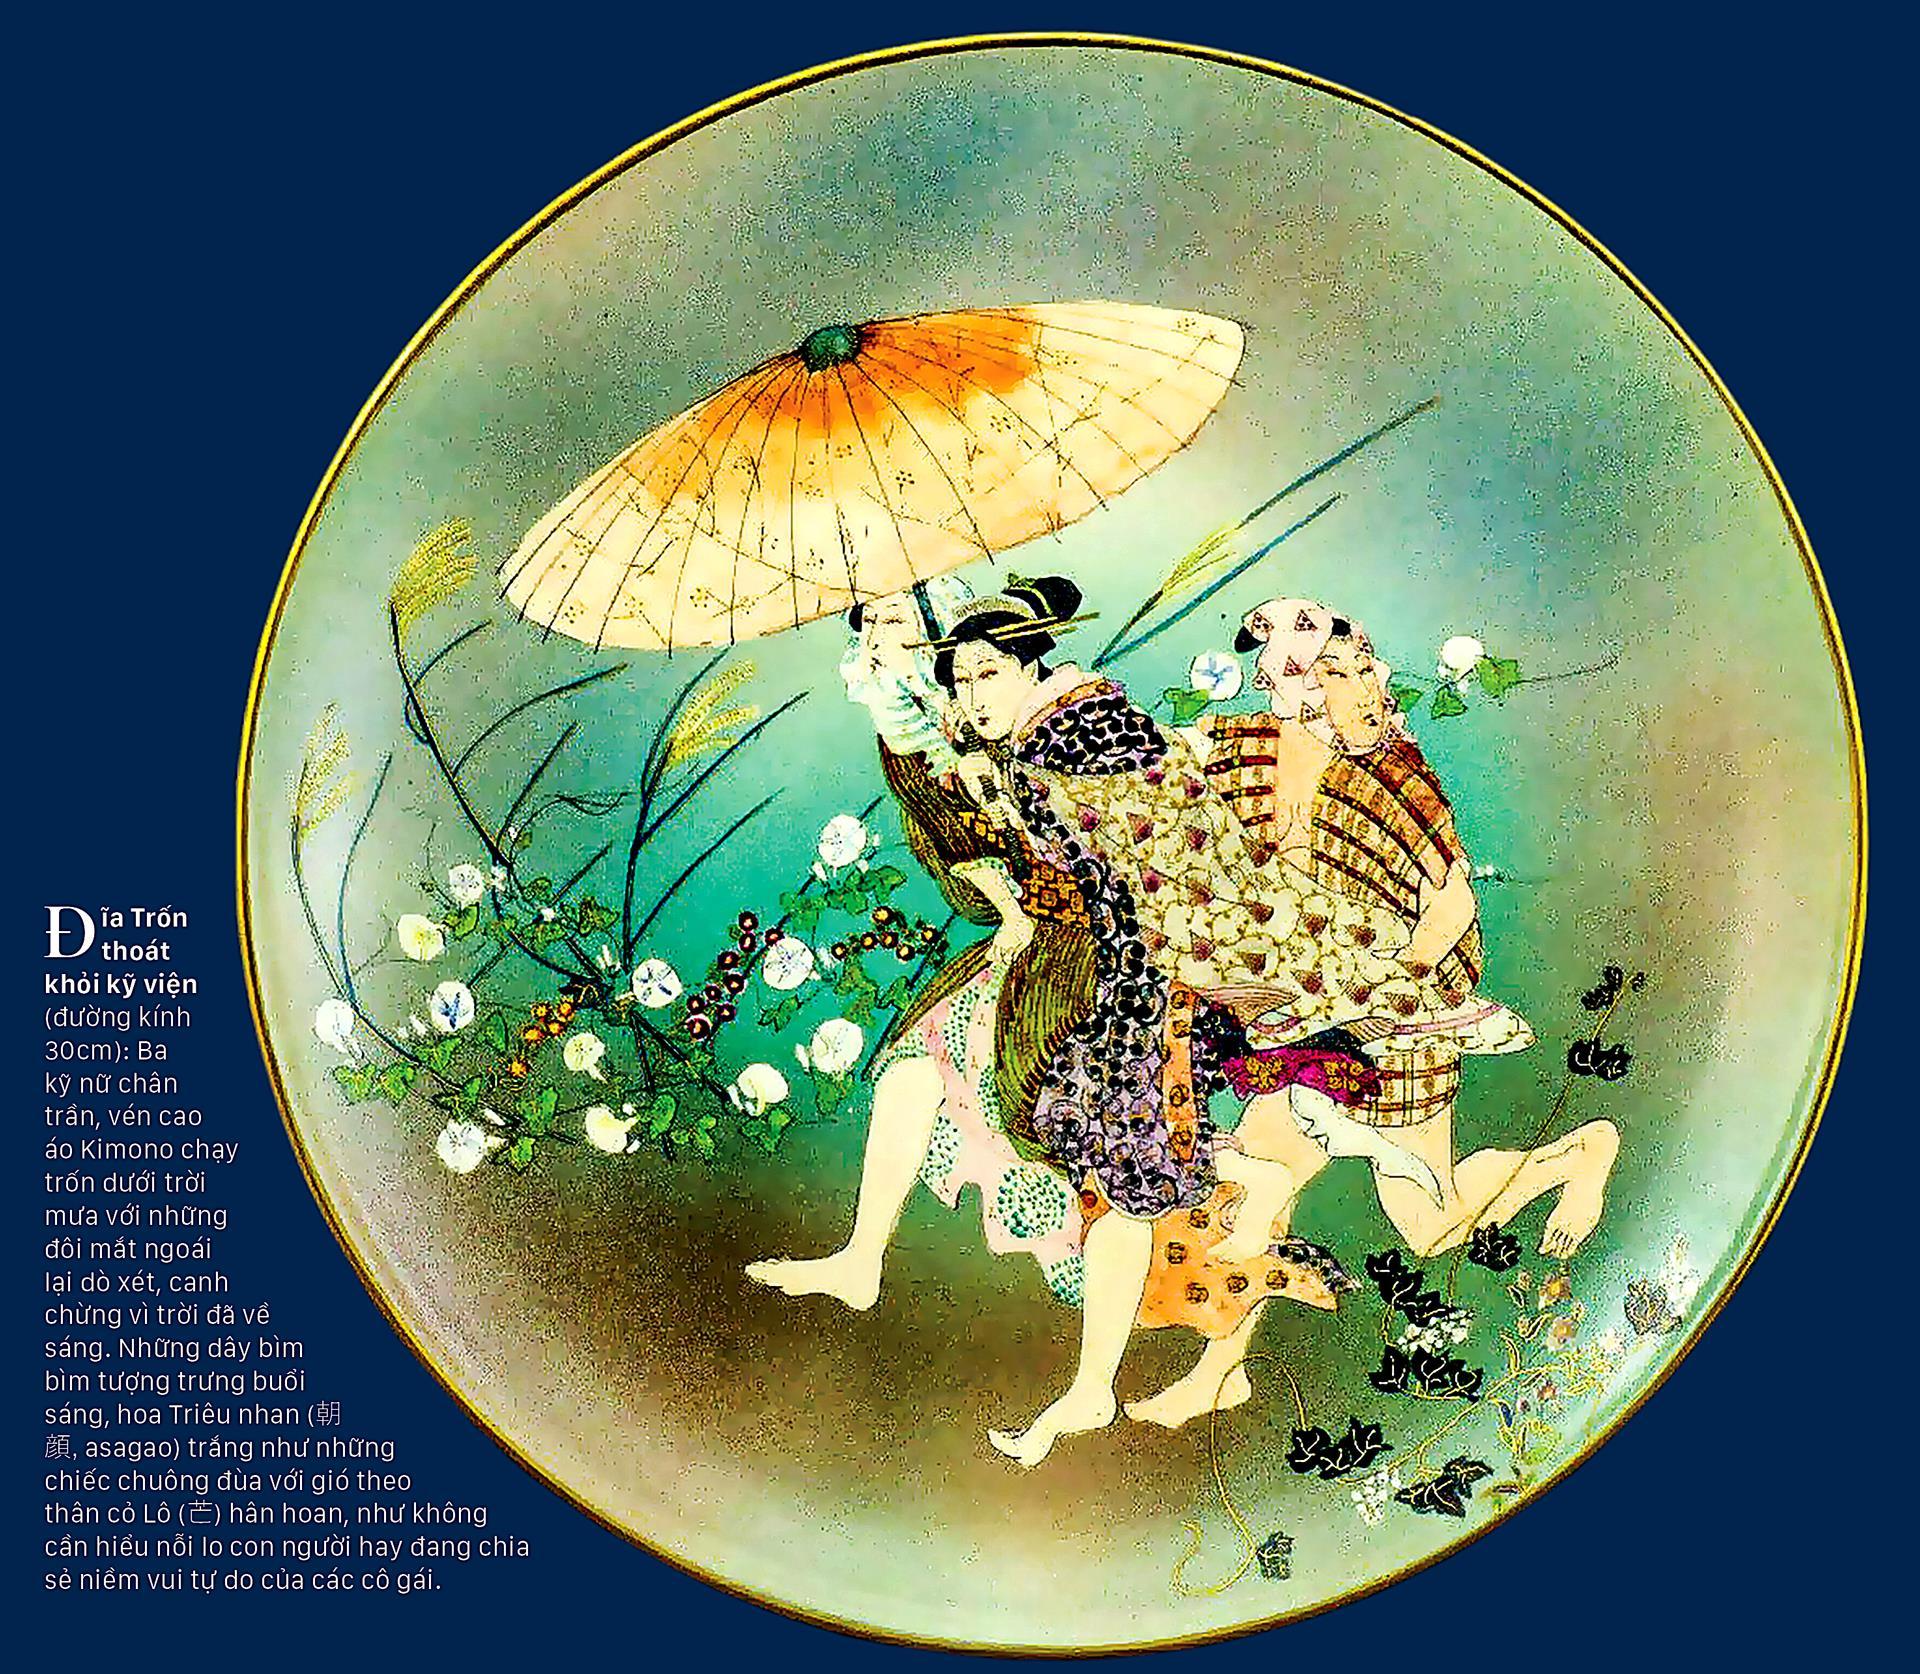 Tao nhã trang phục Kimono trên gốm cổ ảnh 5